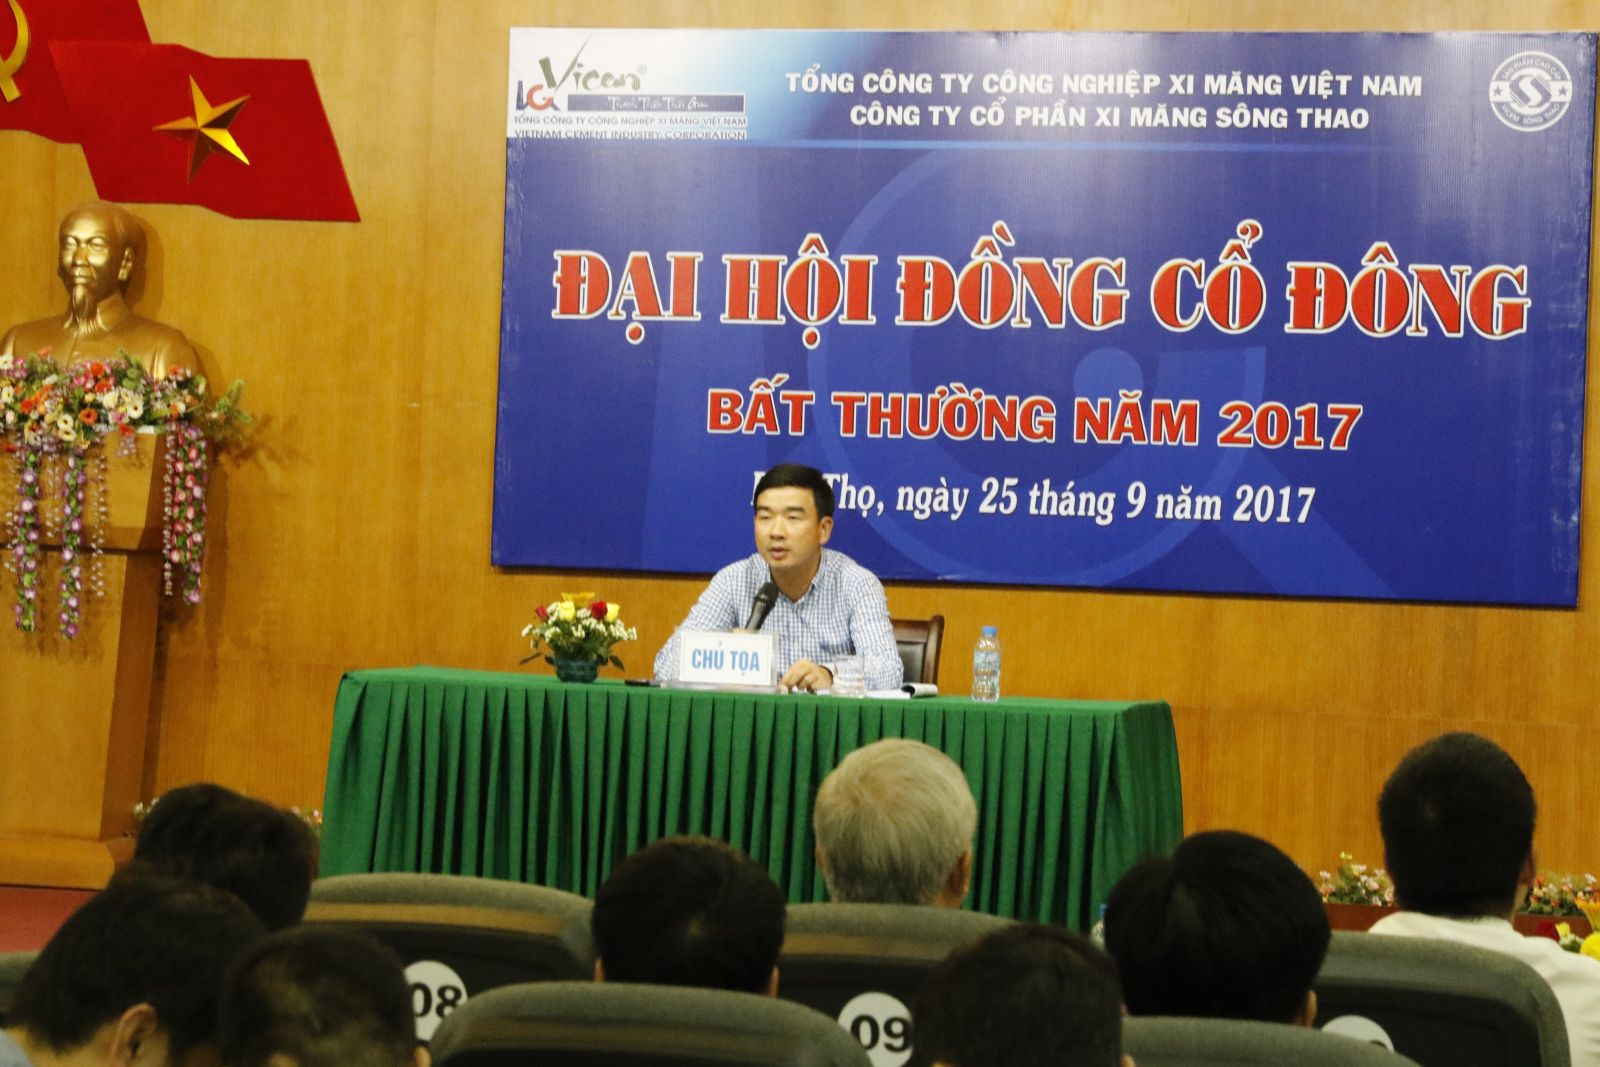 Công ty cổ phần xi măng Sông Thao tổ chức thành công Đại hội đồng cổ đông bất thường năm 2017